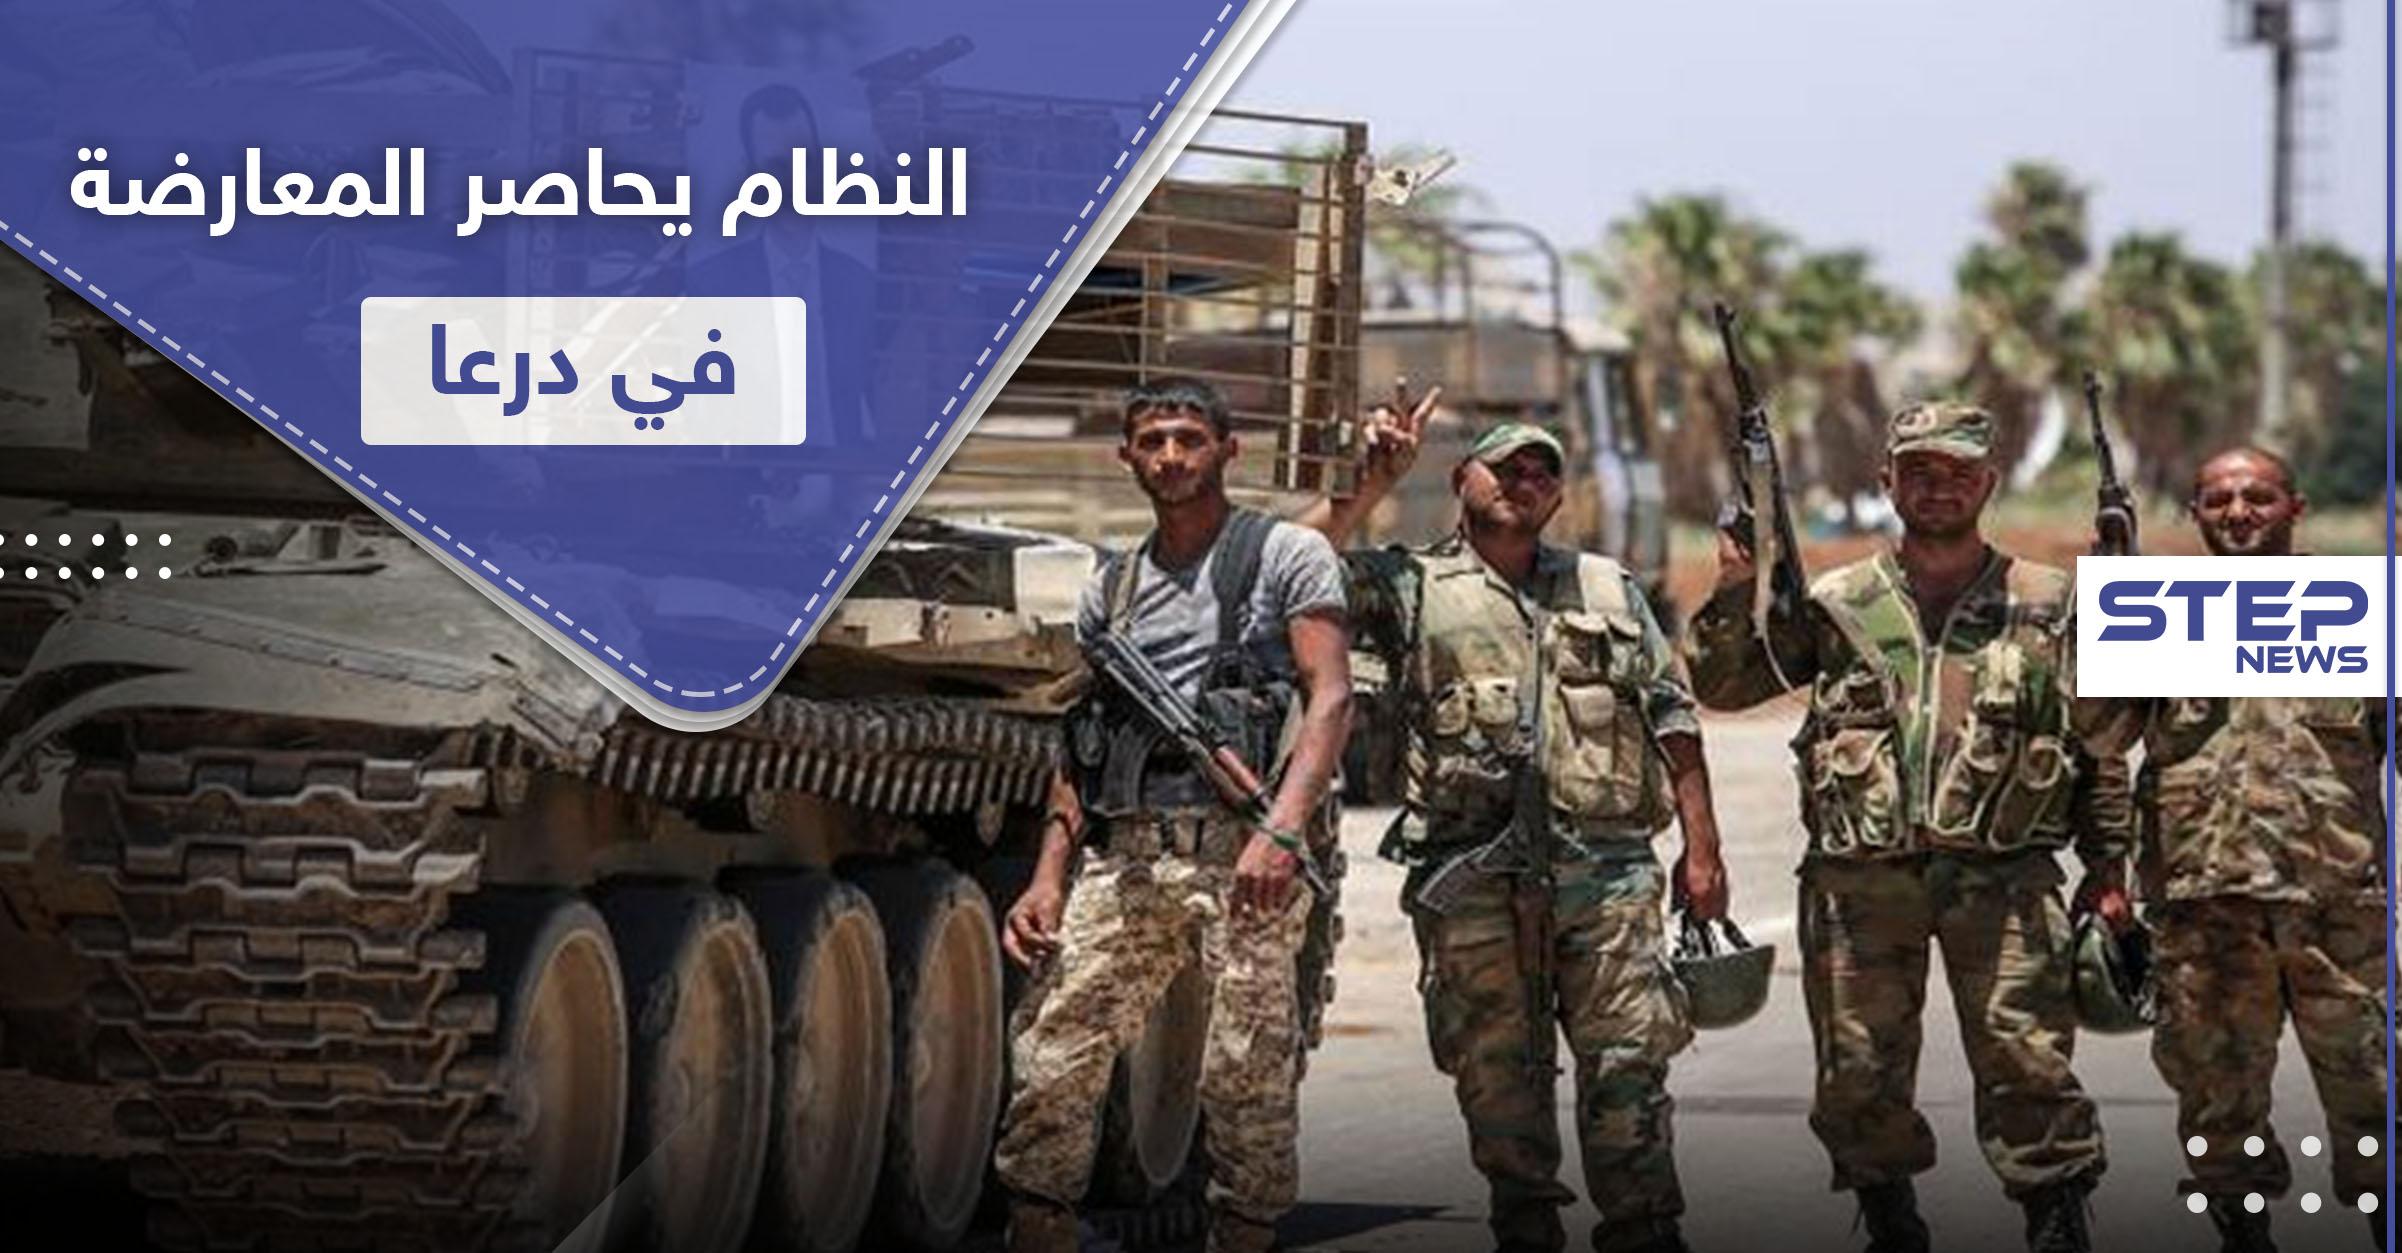 قوات-النظام-السوري-تضع-المعارضة امام خيارات